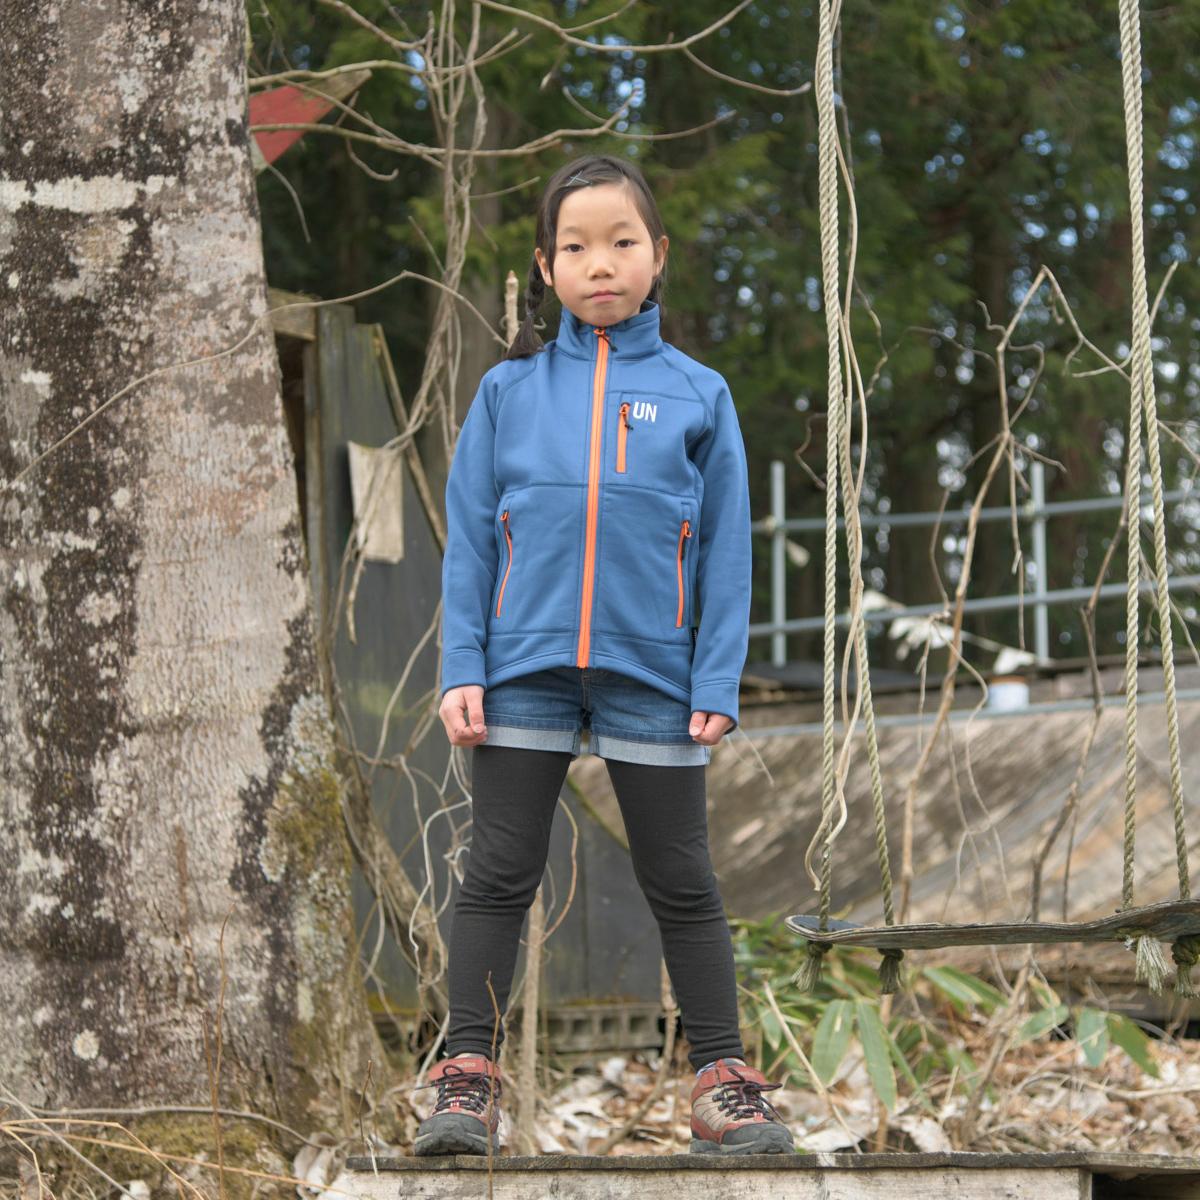 Kids 130 / UN3000 Mid weight fleece Jacket / Navy